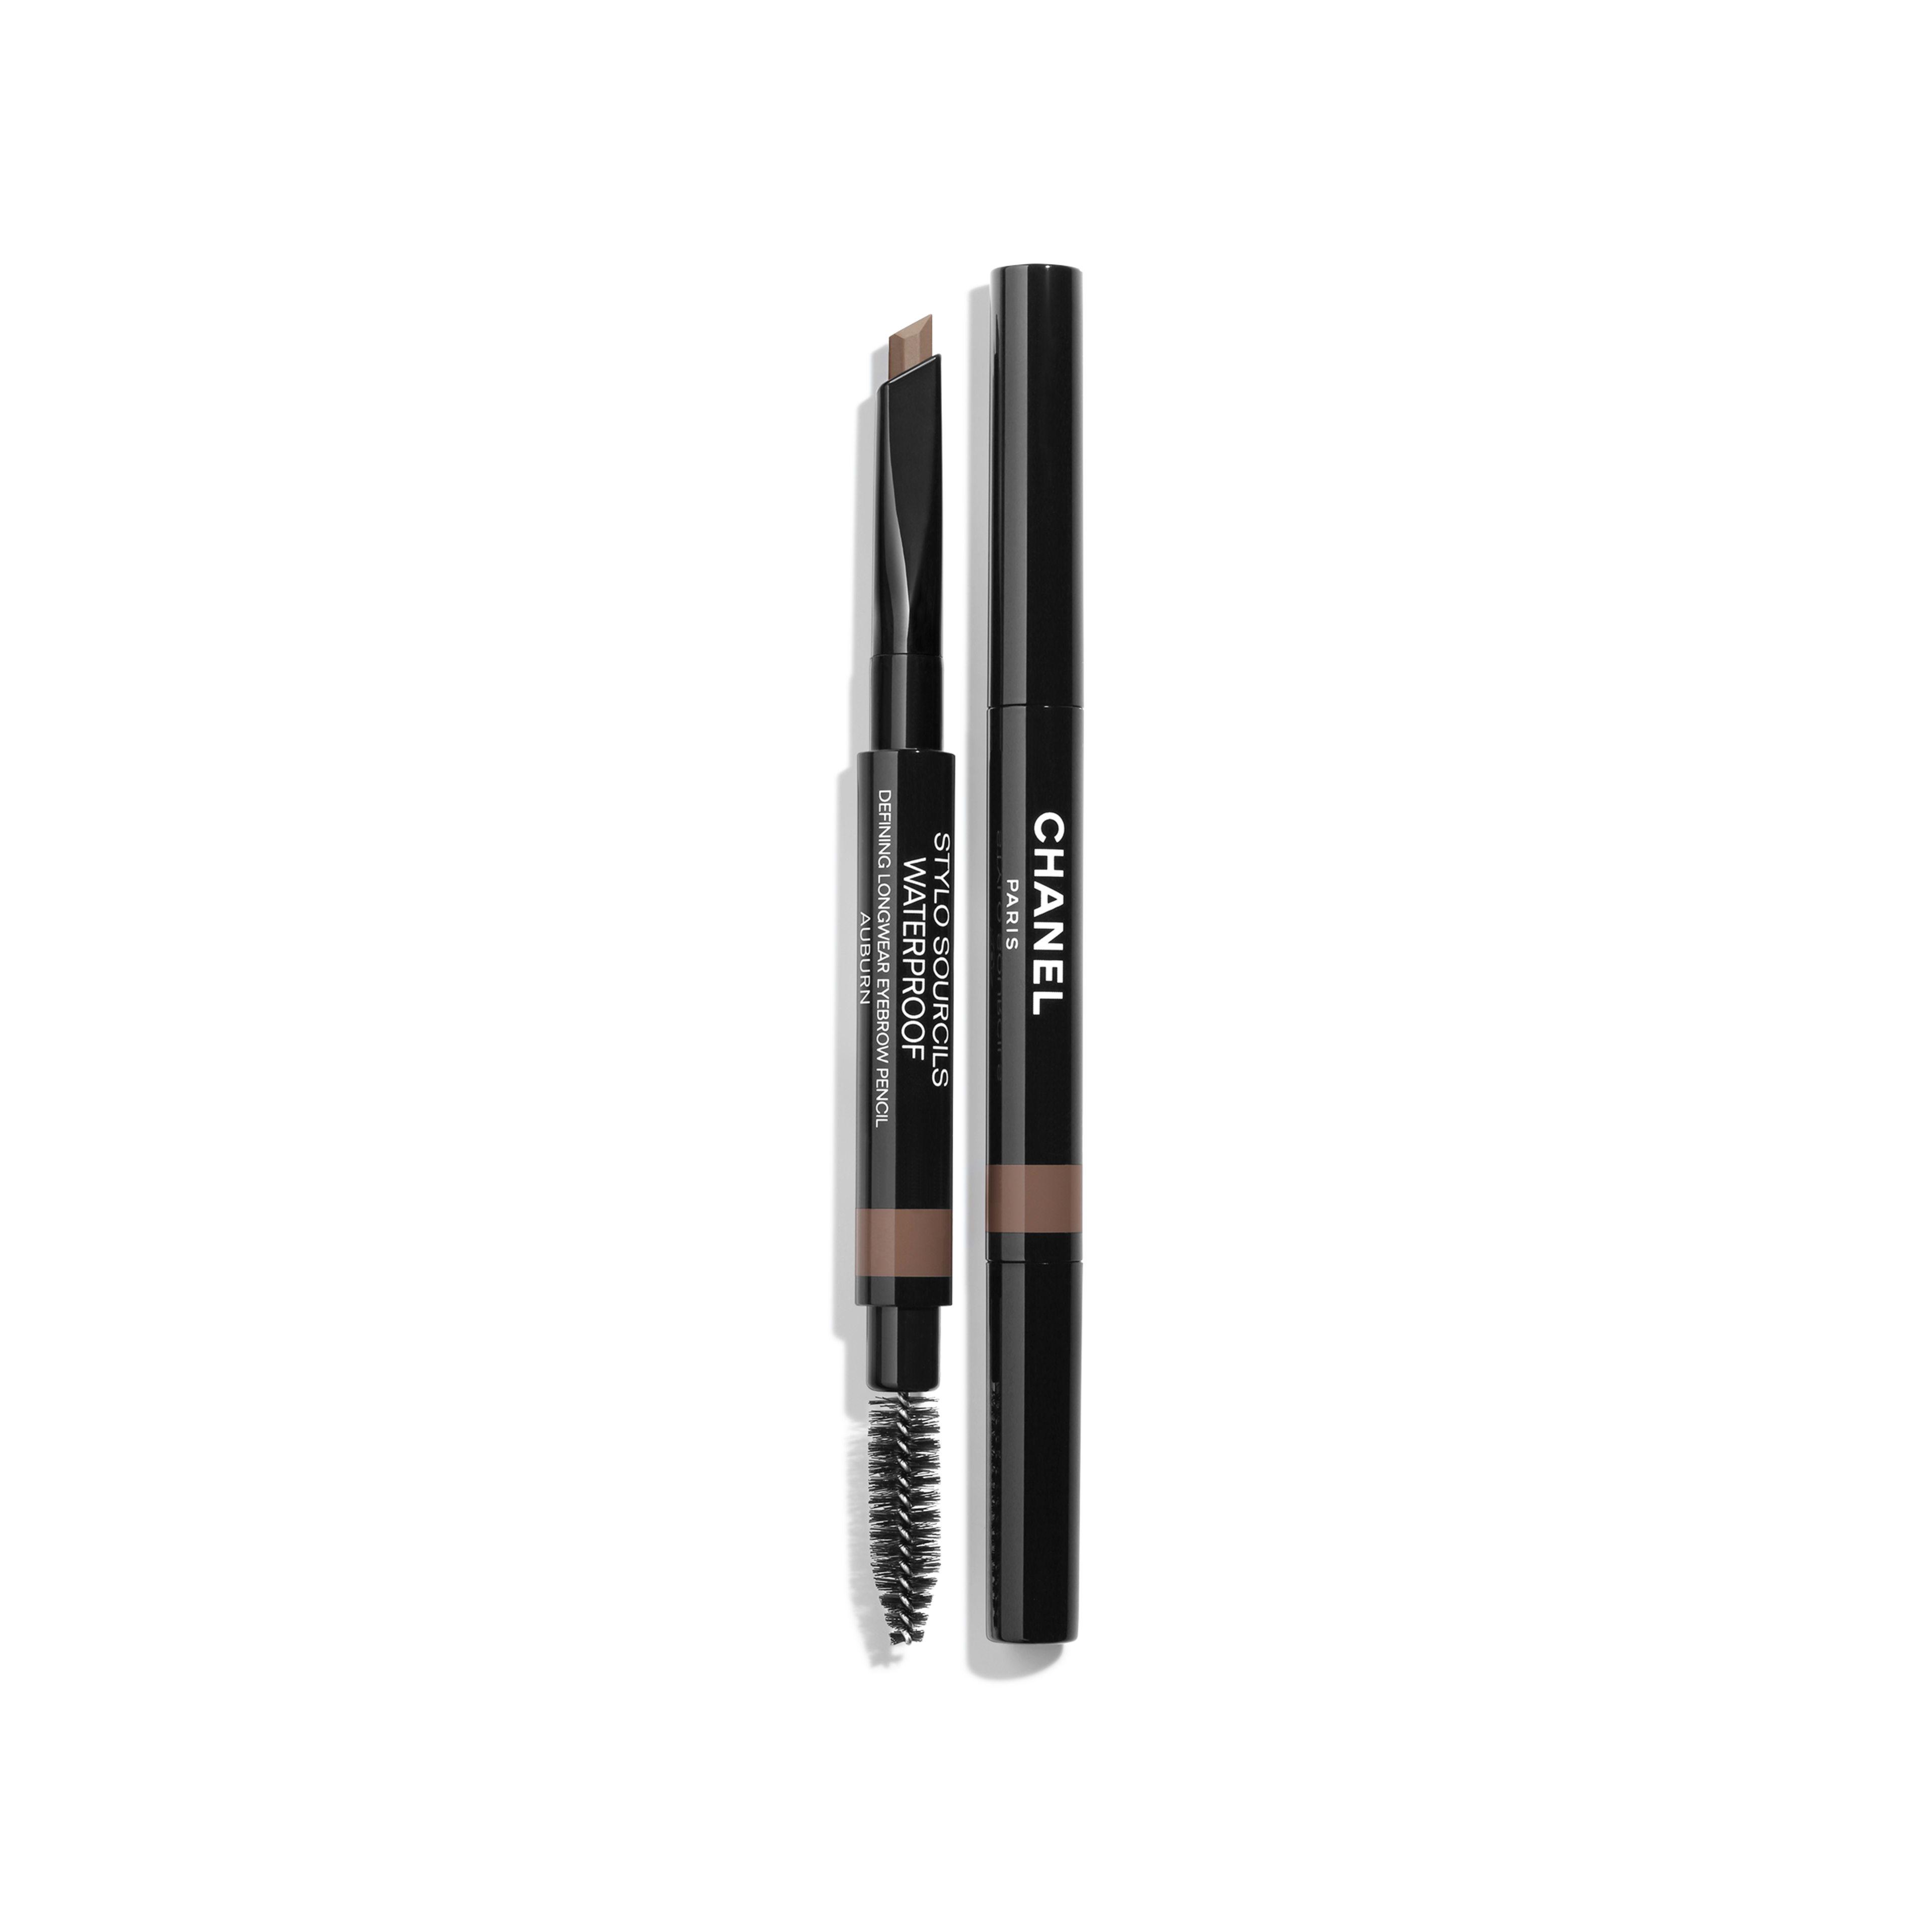 STYLO SOURCILS WATERPROOF - makeup - 0.27g - Default view